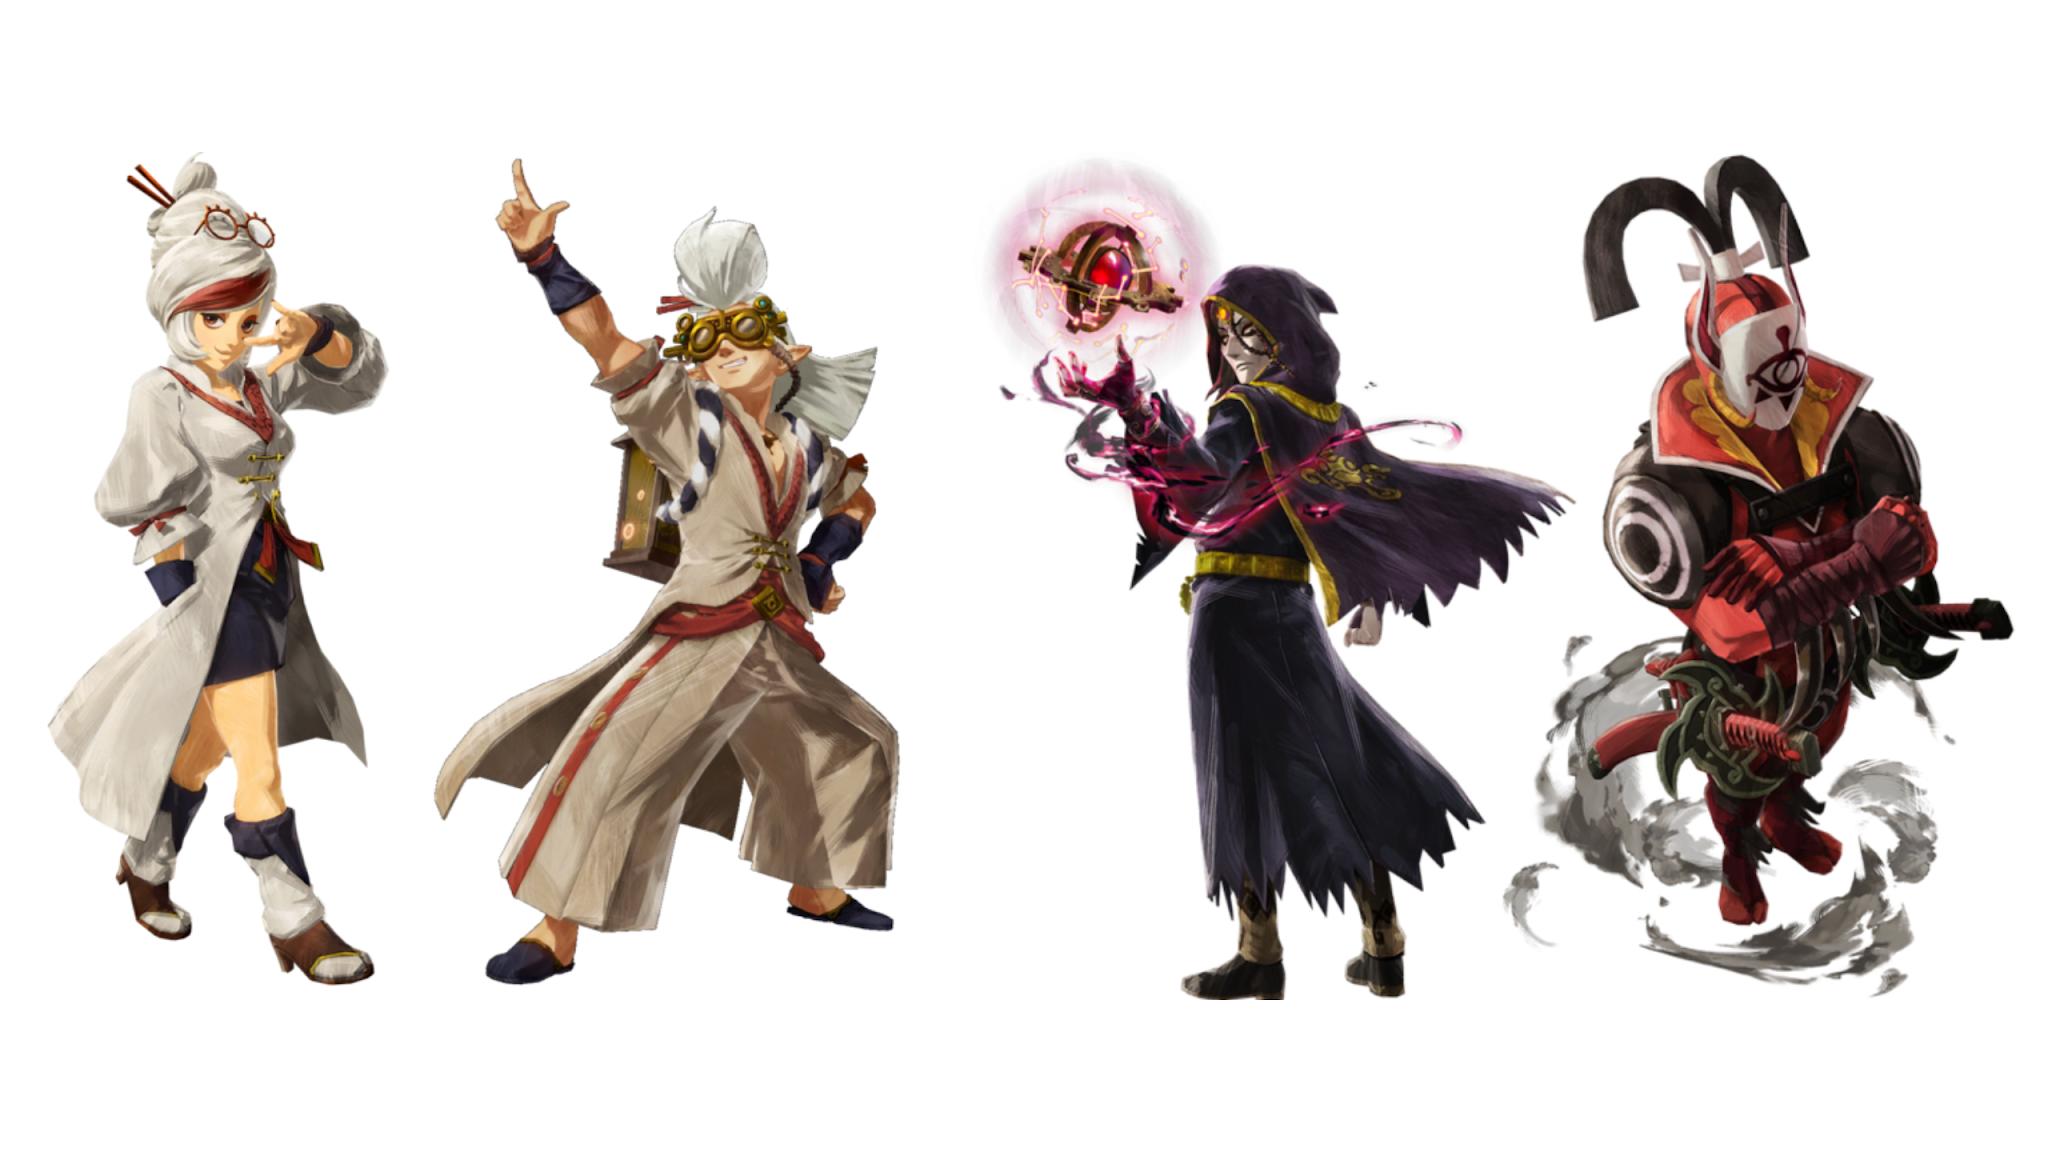 Hyrule Warriors Age Of Calamity Switch Indicios De Personagens Por Dlc Sao Encontrados No Codigo Nintendo Blast